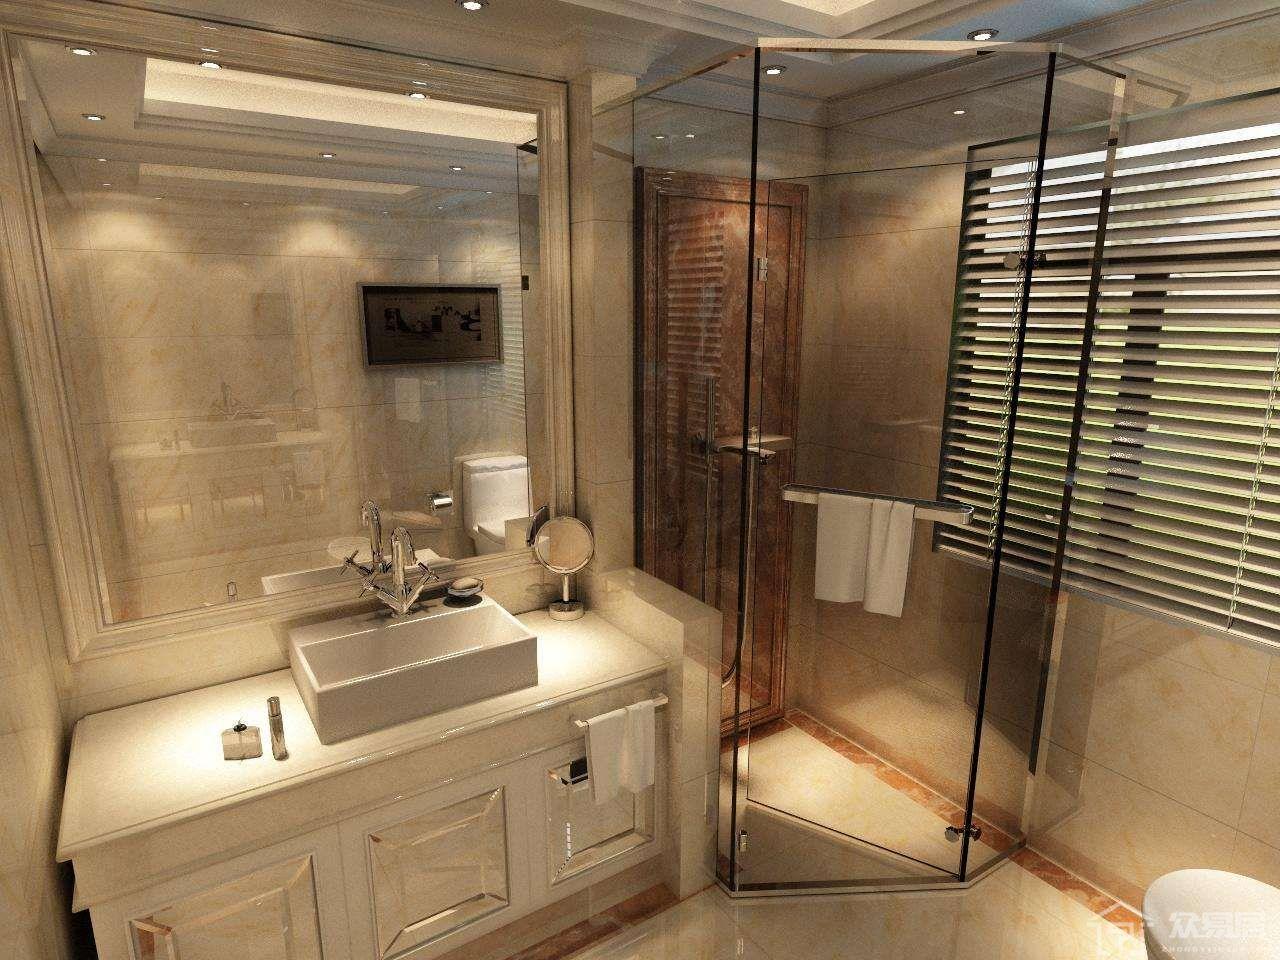 卫生间五金件有哪些?卫浴五金件保养清洁技巧及注意事项